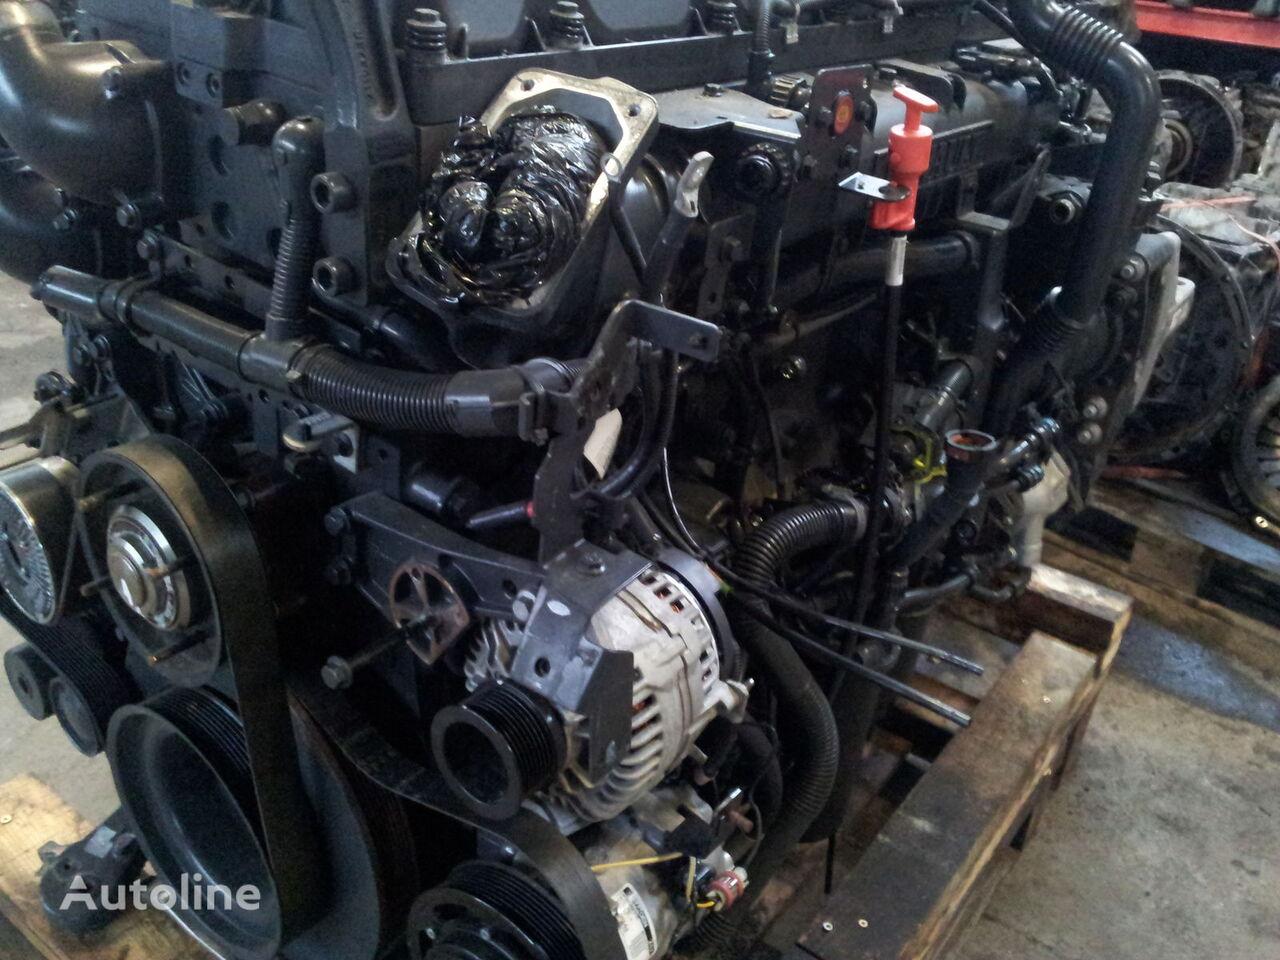 mootor RENAULT MAGNUM DXI engine EURO 5 emission DXI13, 500PS (368KW), 520PS (3 tüübi jaoks veduki RENAULT Magnum